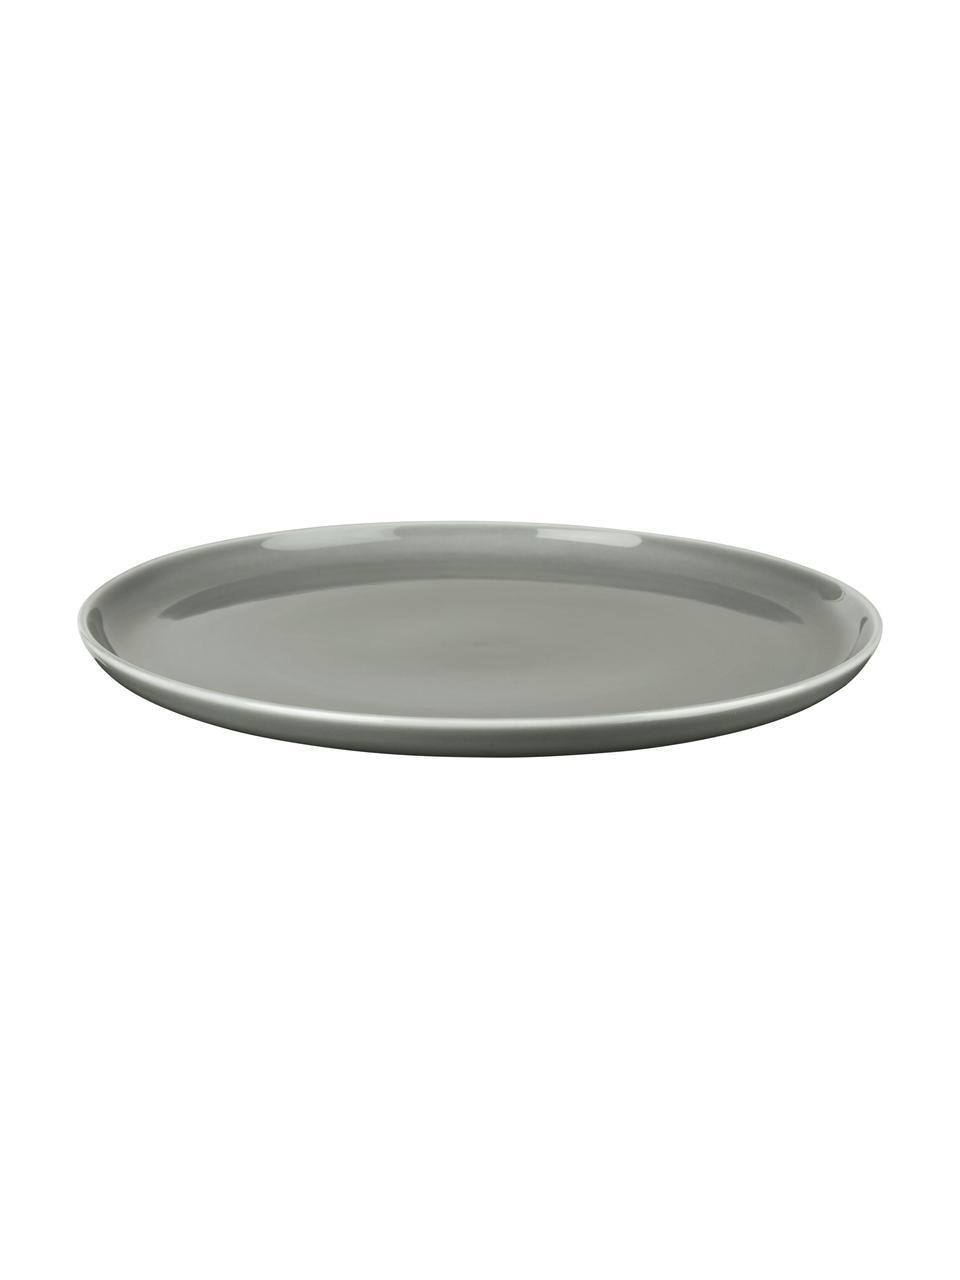 Piatto piano grigio lucido Kolibri 6 pz, Porcellana, Grigio, Ø 27 cm